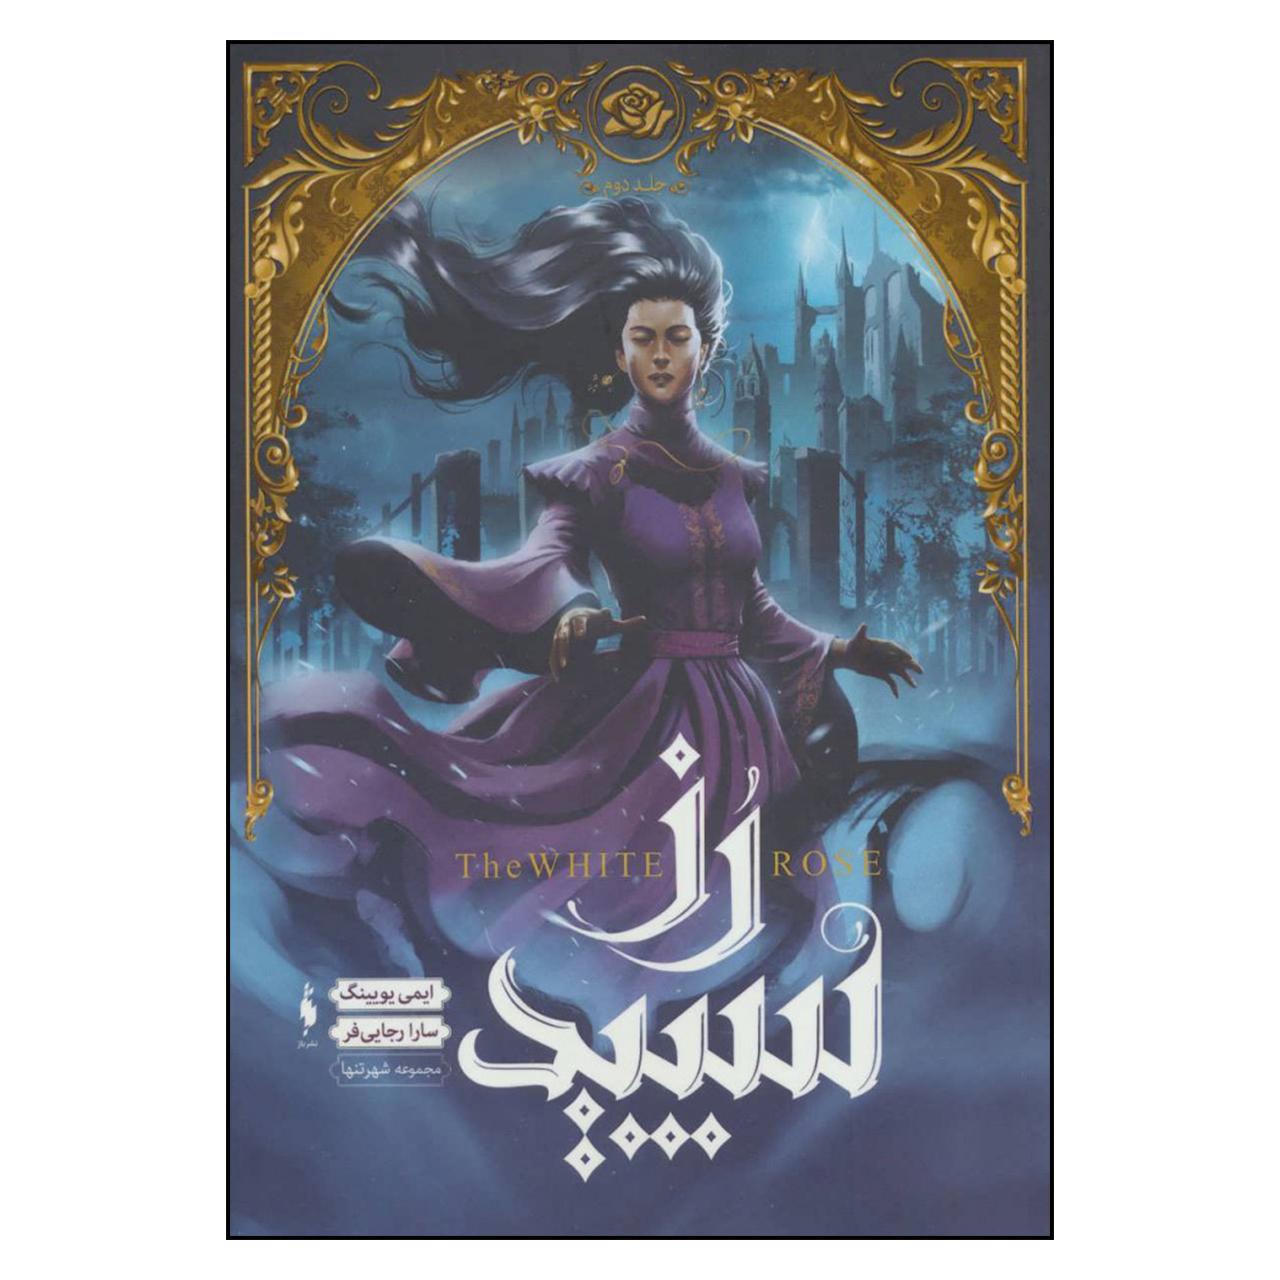 کتاب رز سپید مجموعه شهر تنها اثر ایمی یویینگ نشر باژ